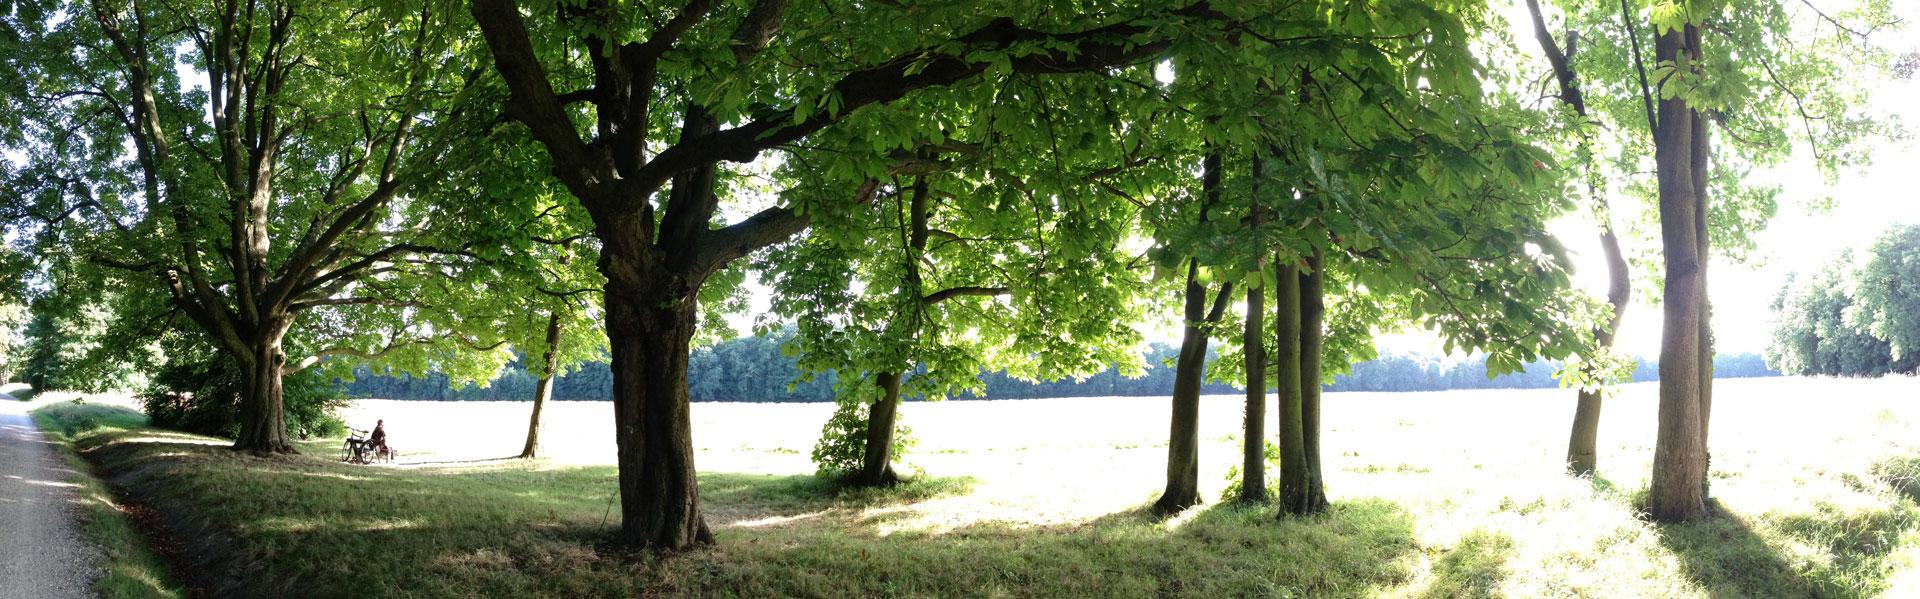 Photographié un jour d'été, le Parc de Noisiel, Noisiel, 08 2013. Ph. Moctar KANE.